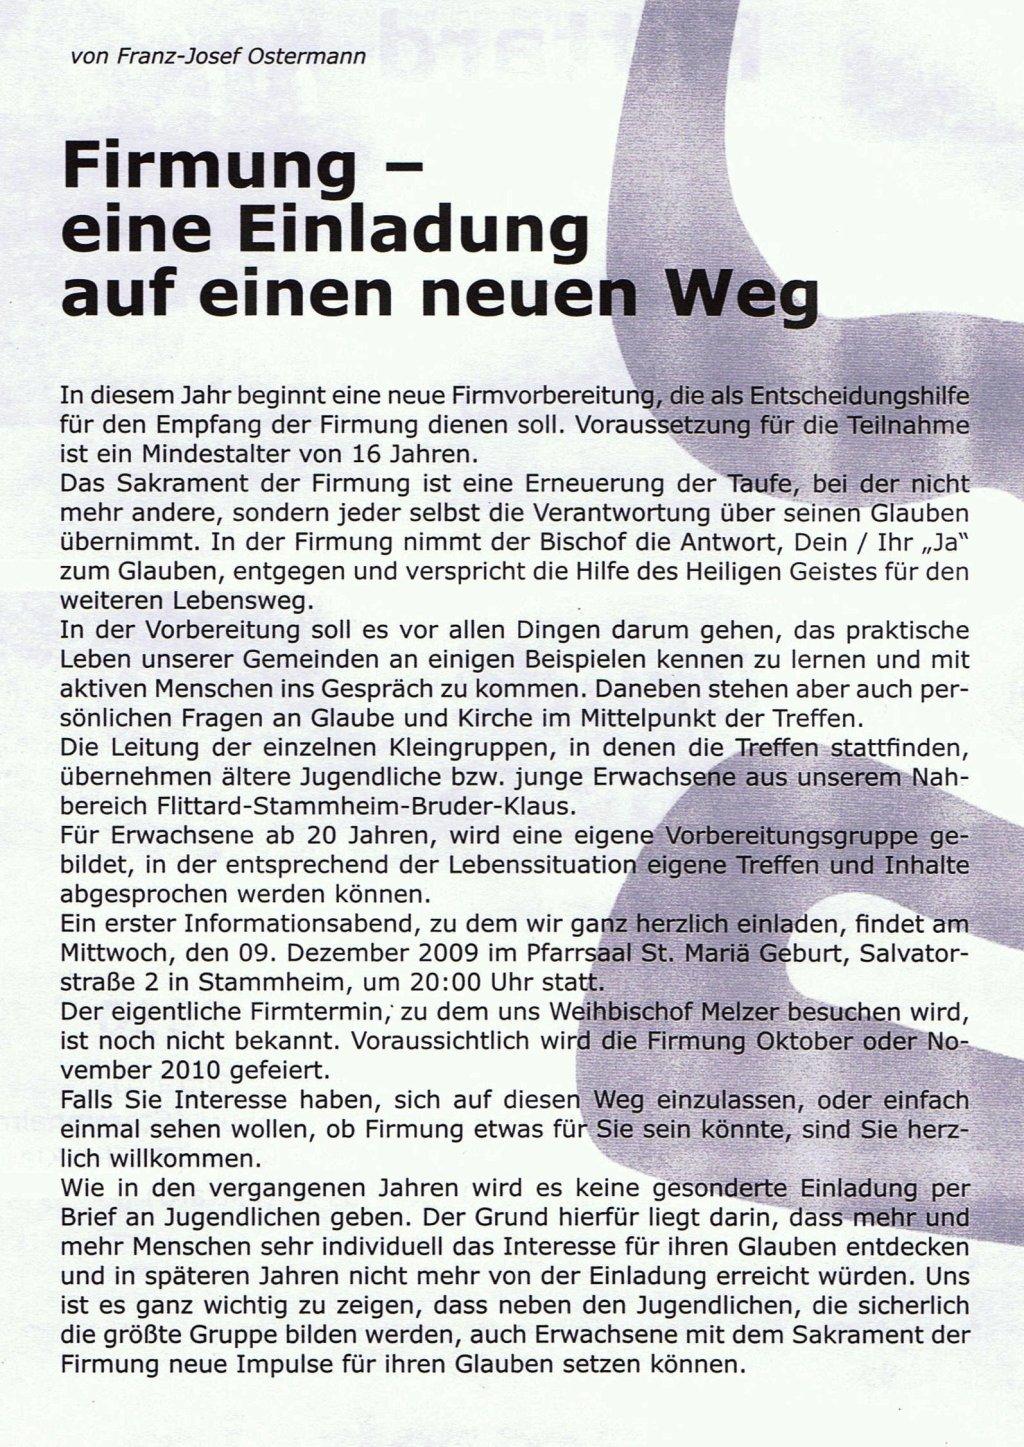 Pfarrkontakte 2009 4 F-J. Ostermann: Firmung